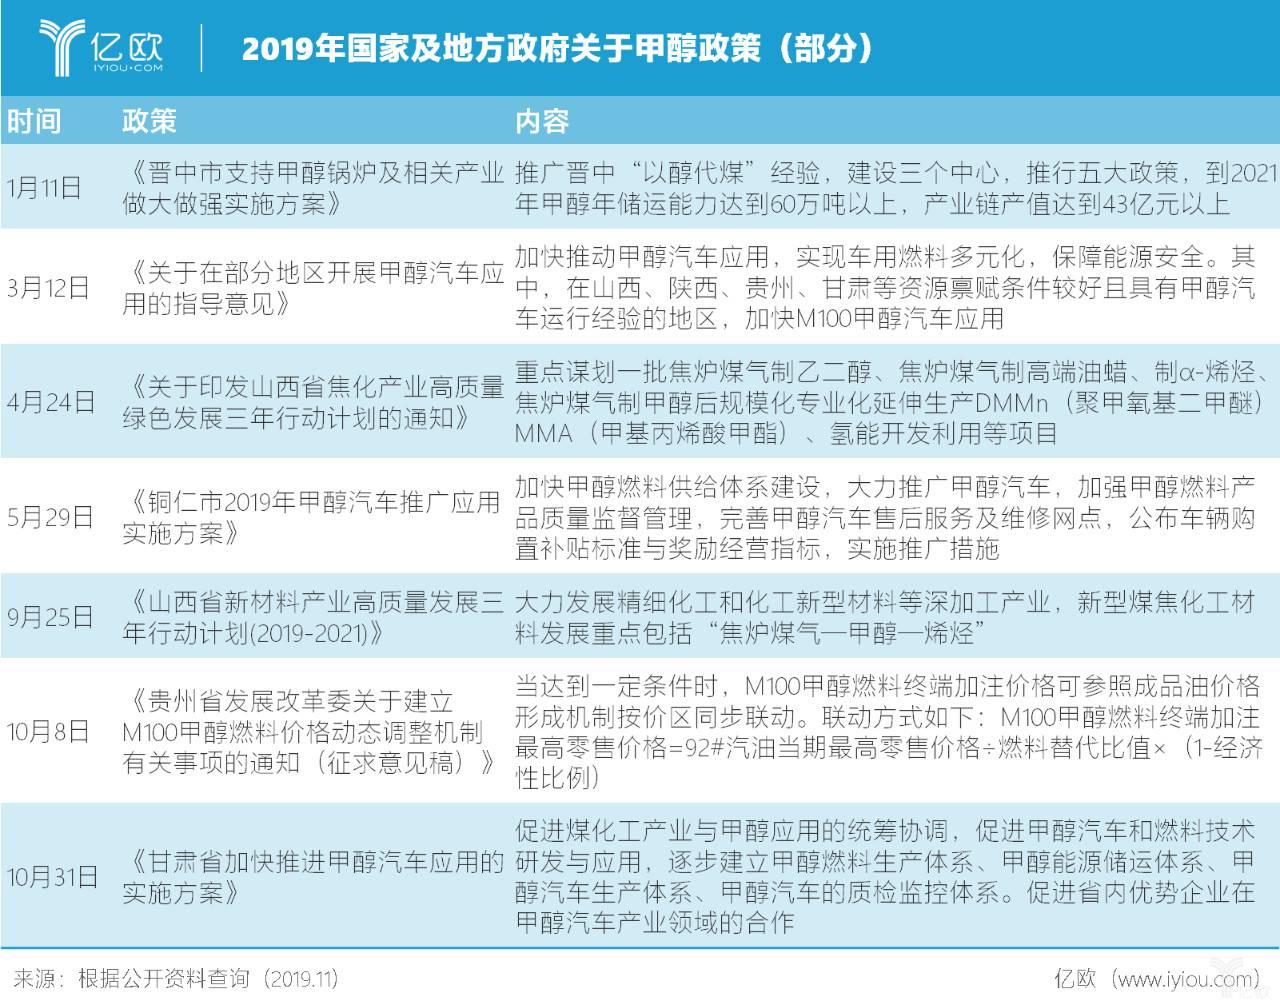 2019年国家及地方政府关于甲醇政策(部分)